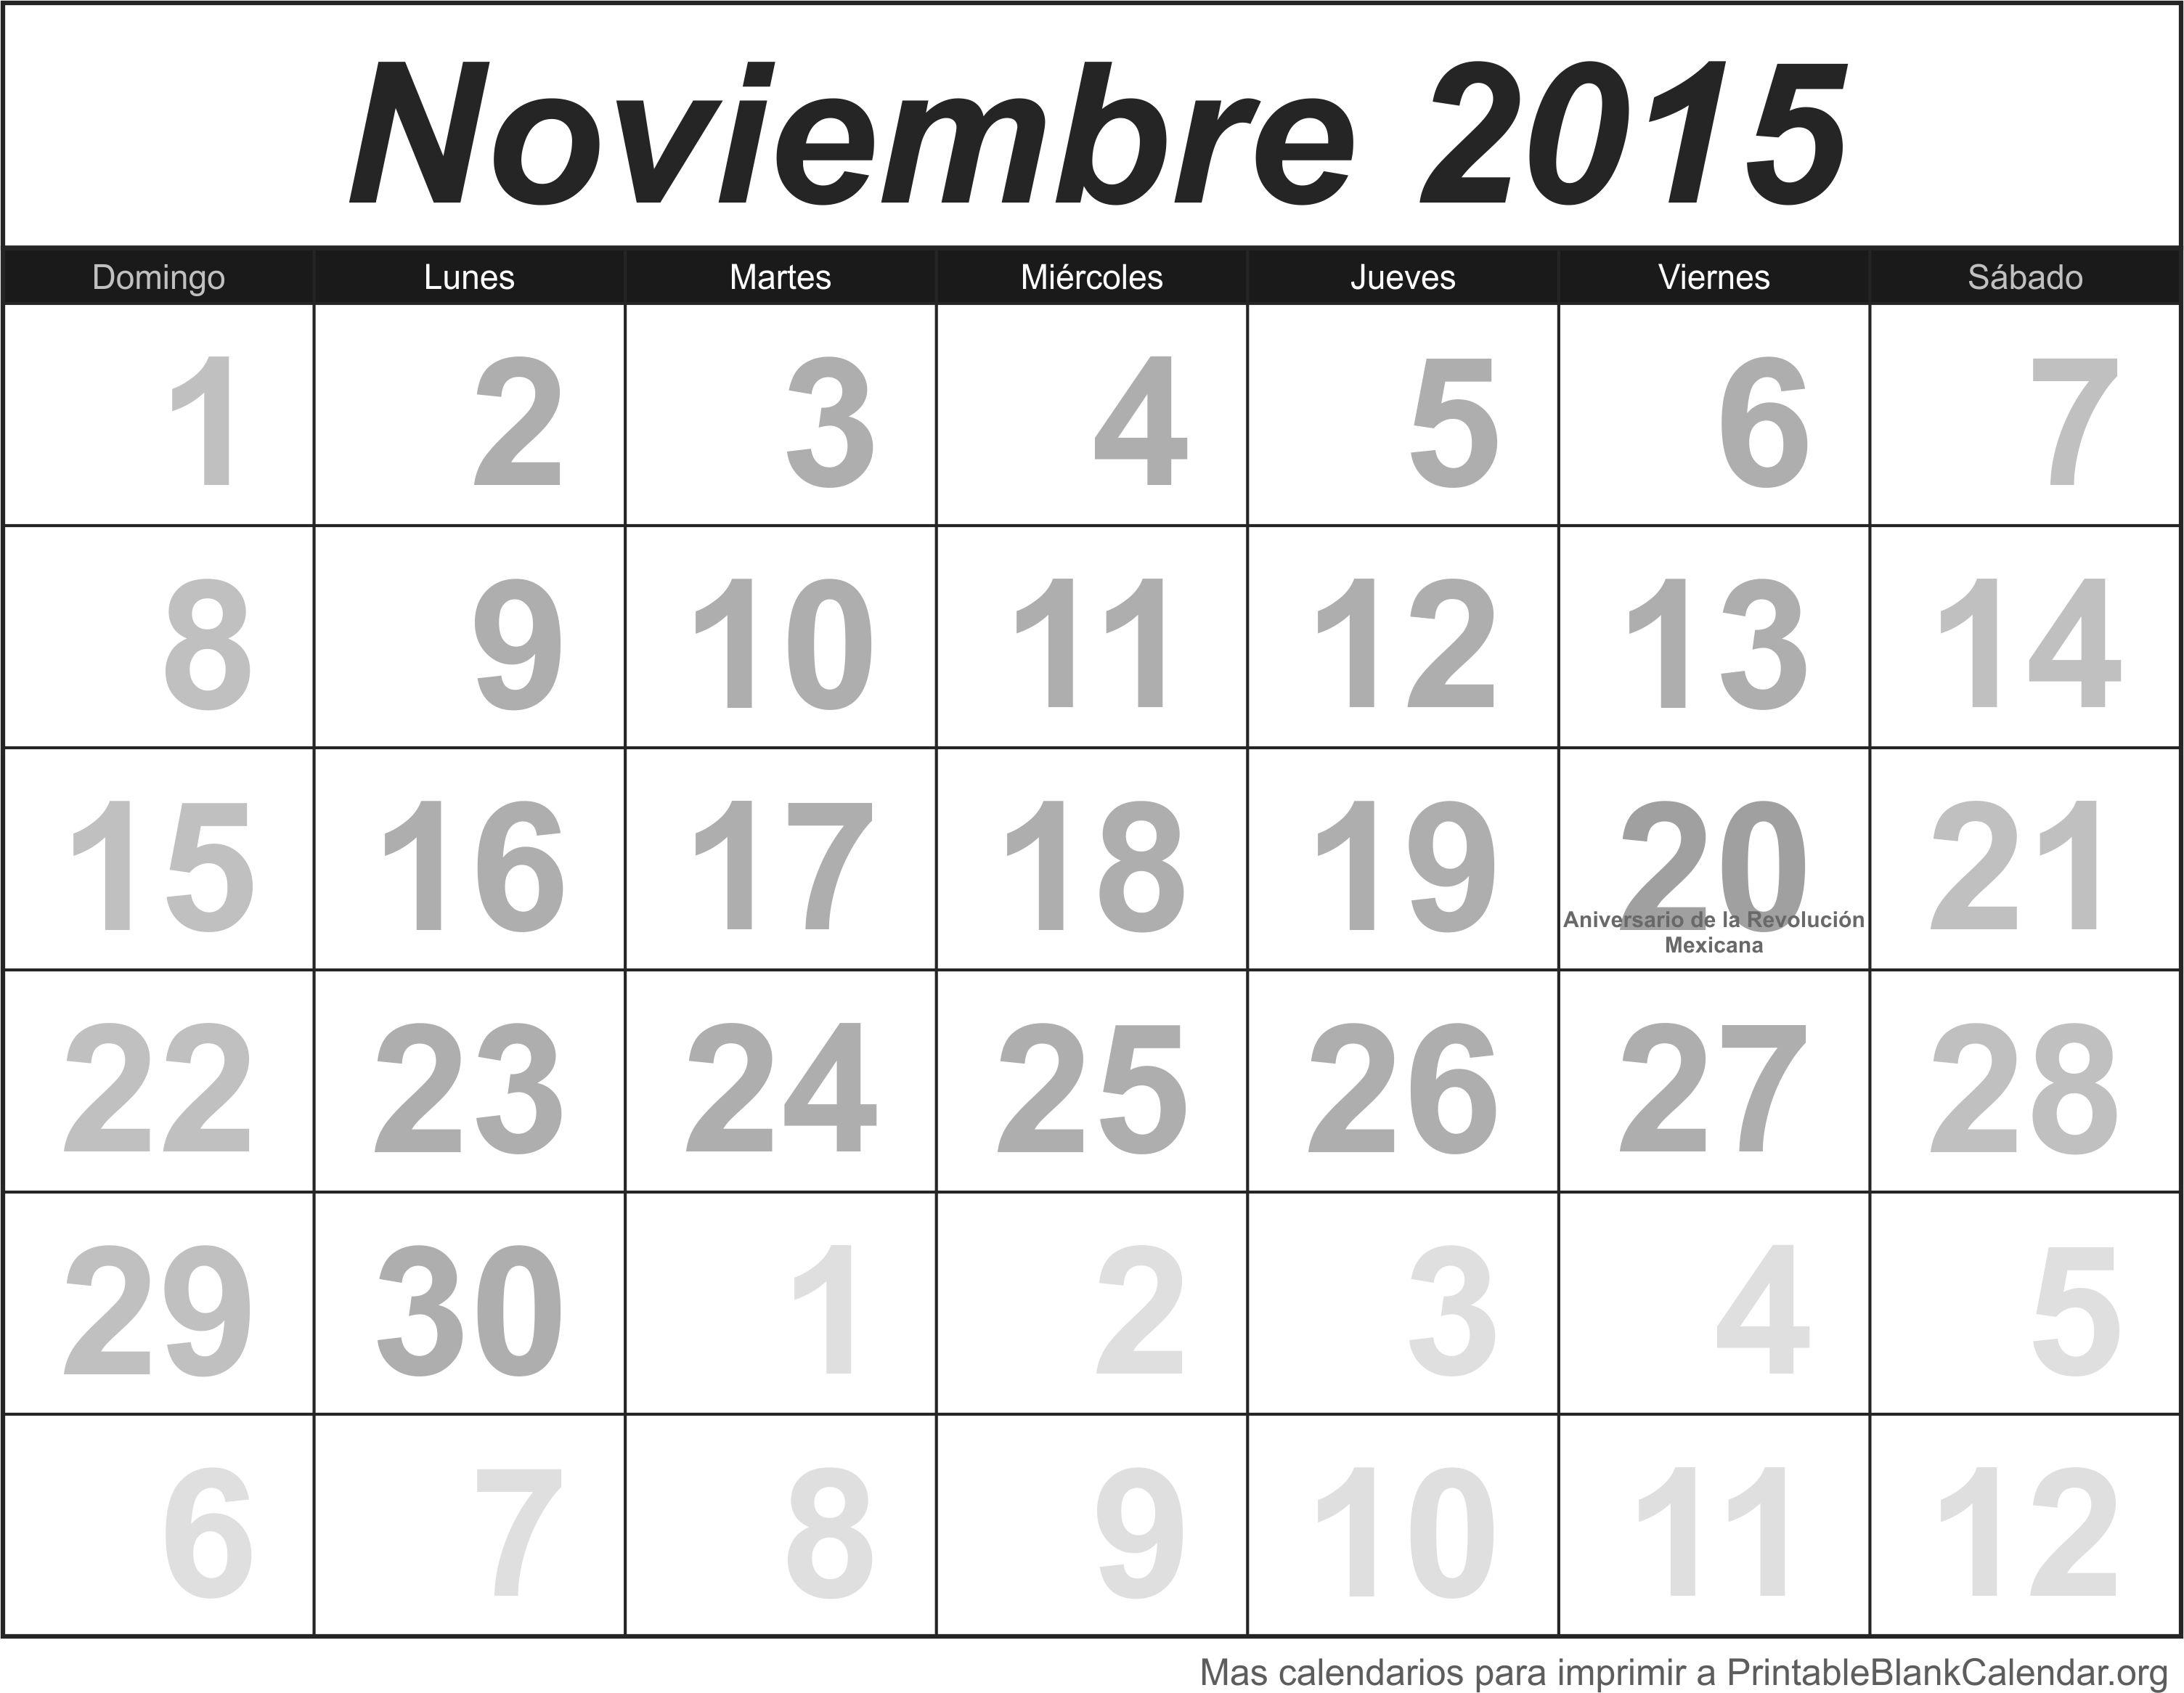 Nov 2015 calendario